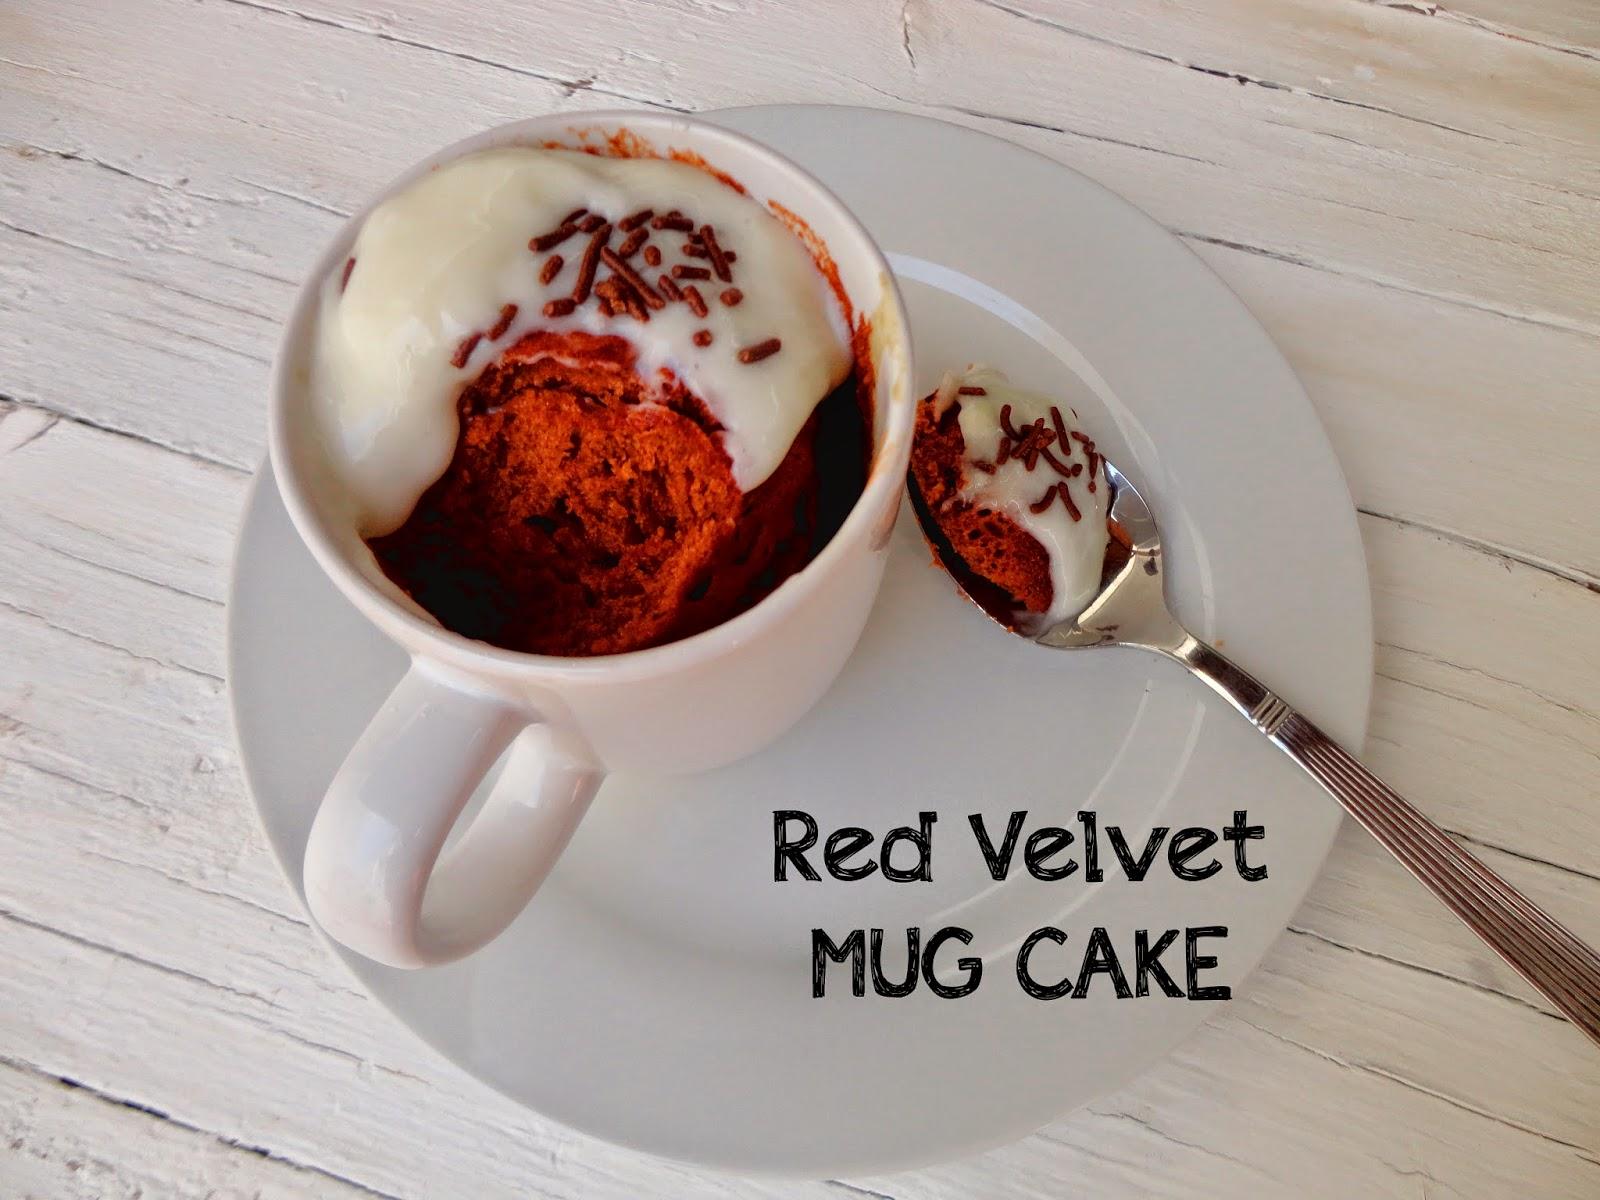 Red Velvet Mug Cake Using Cake Mix